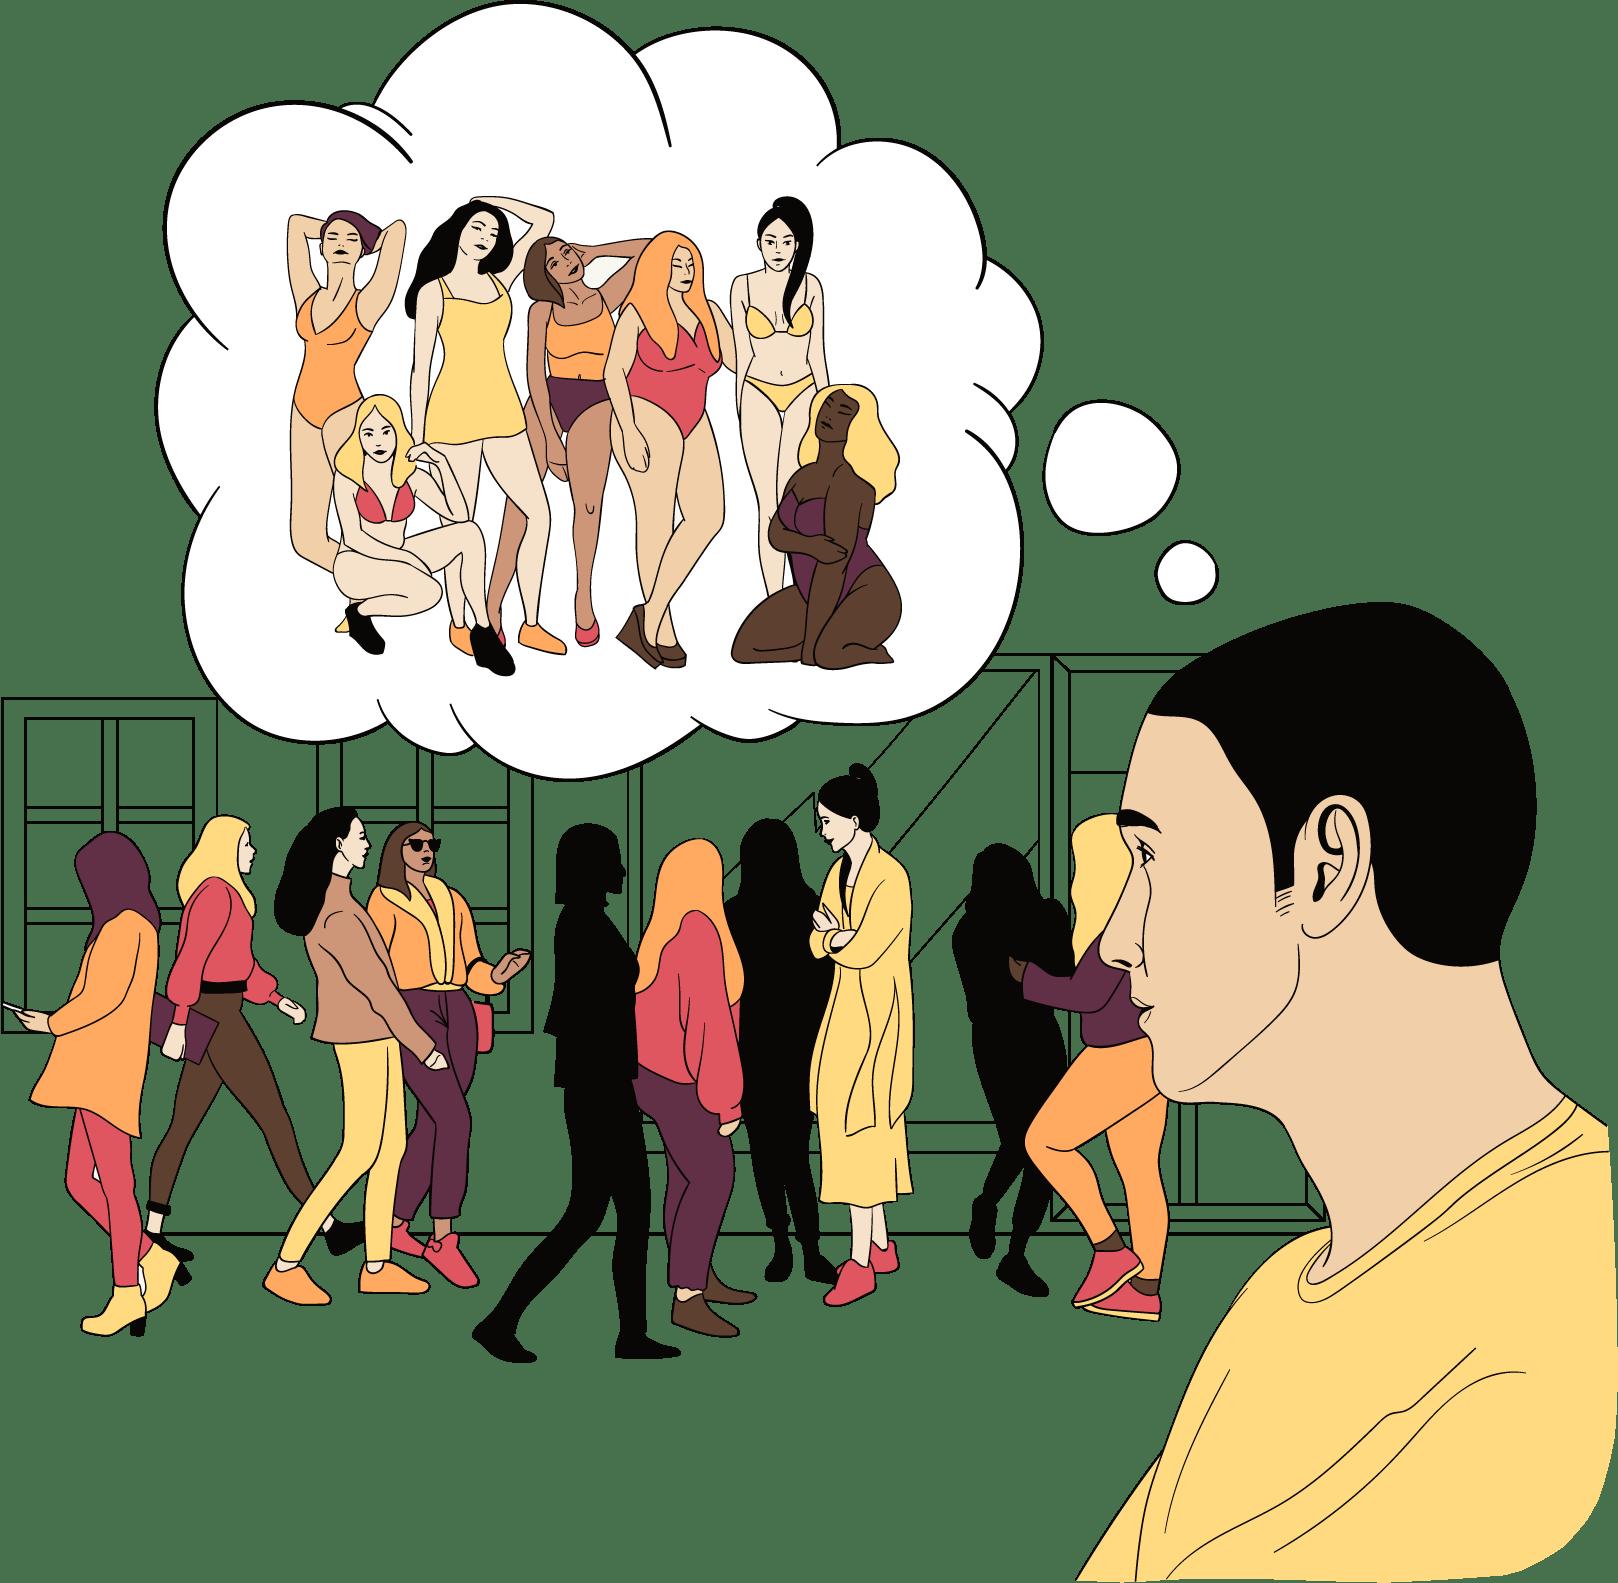 Een man denkt constant aan andere vrouwen.